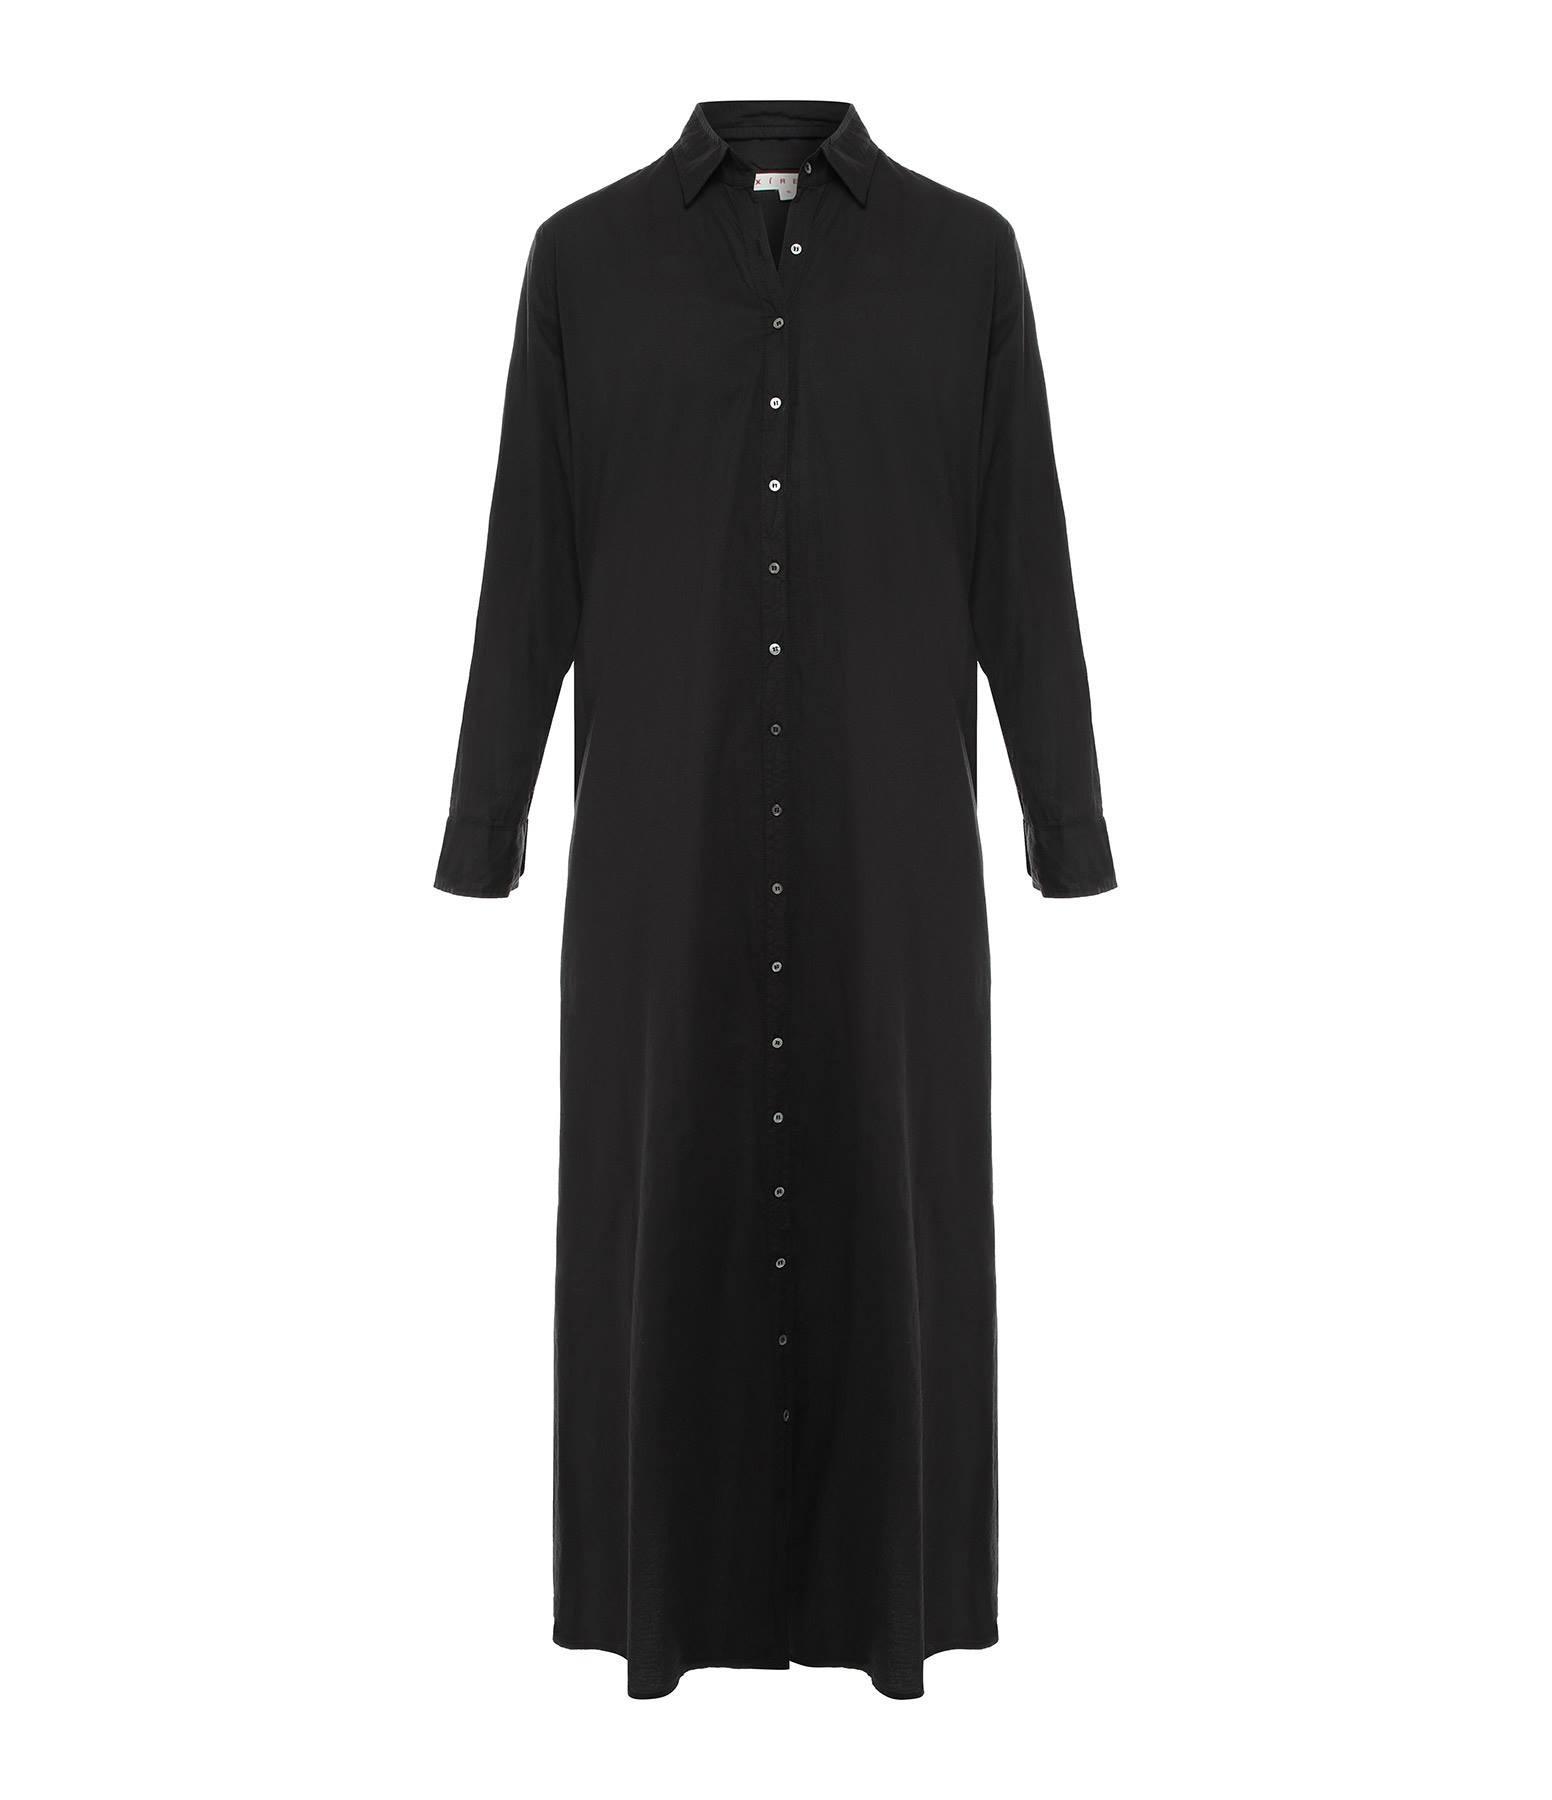 XIRENA - Robe Boden Coton Noir